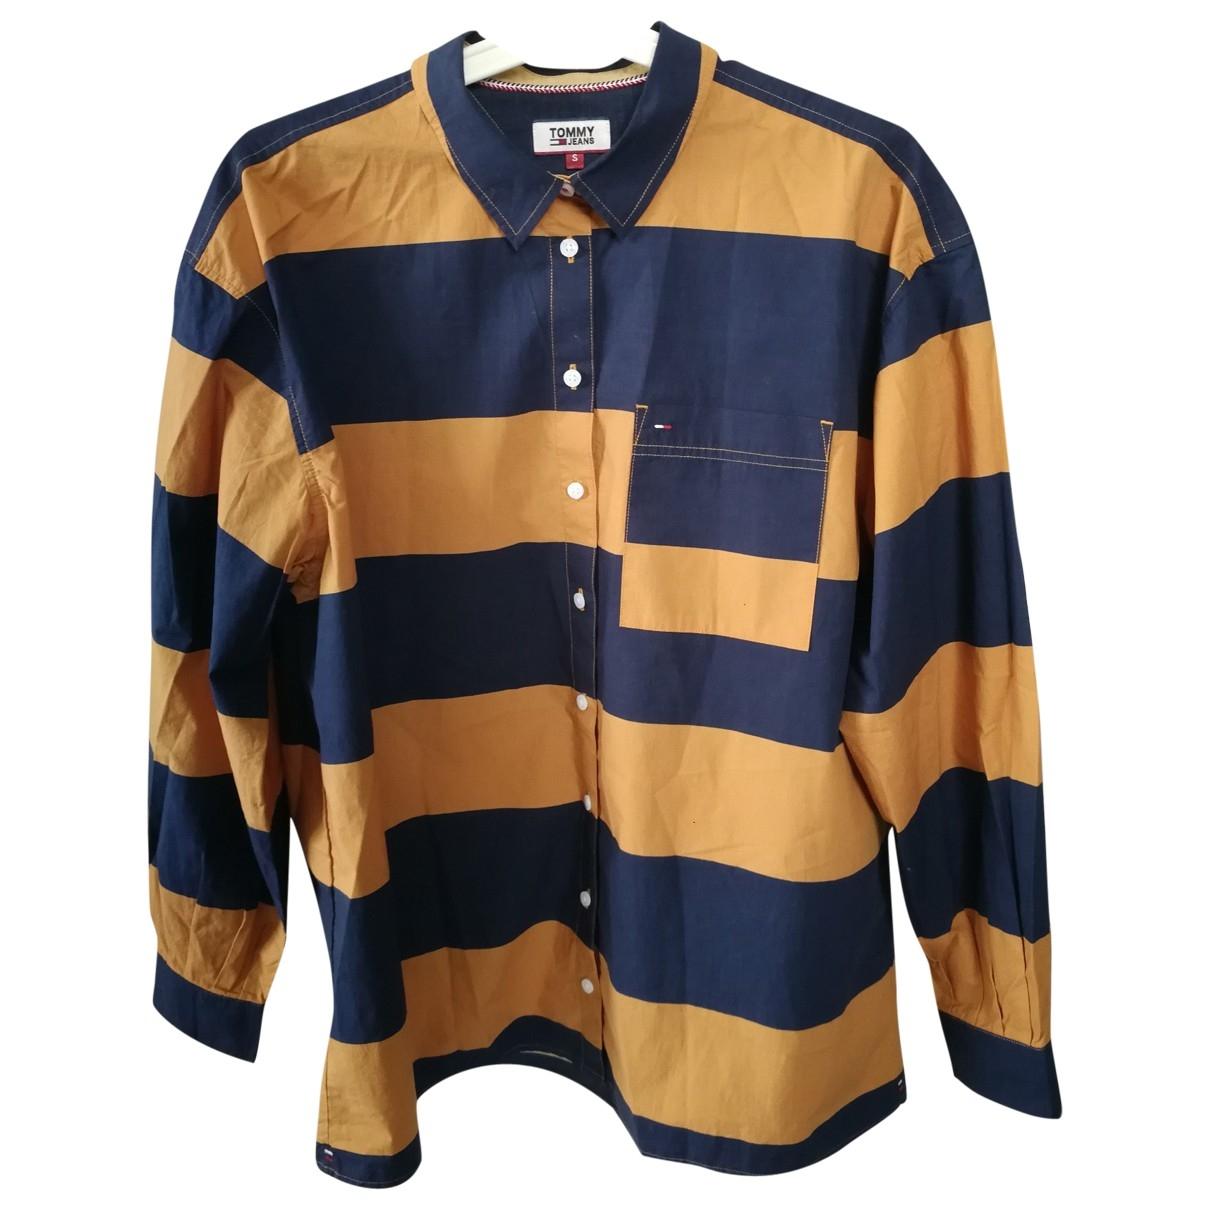 Tommy Hilfiger \N Camel Cotton Shirts for Men M International